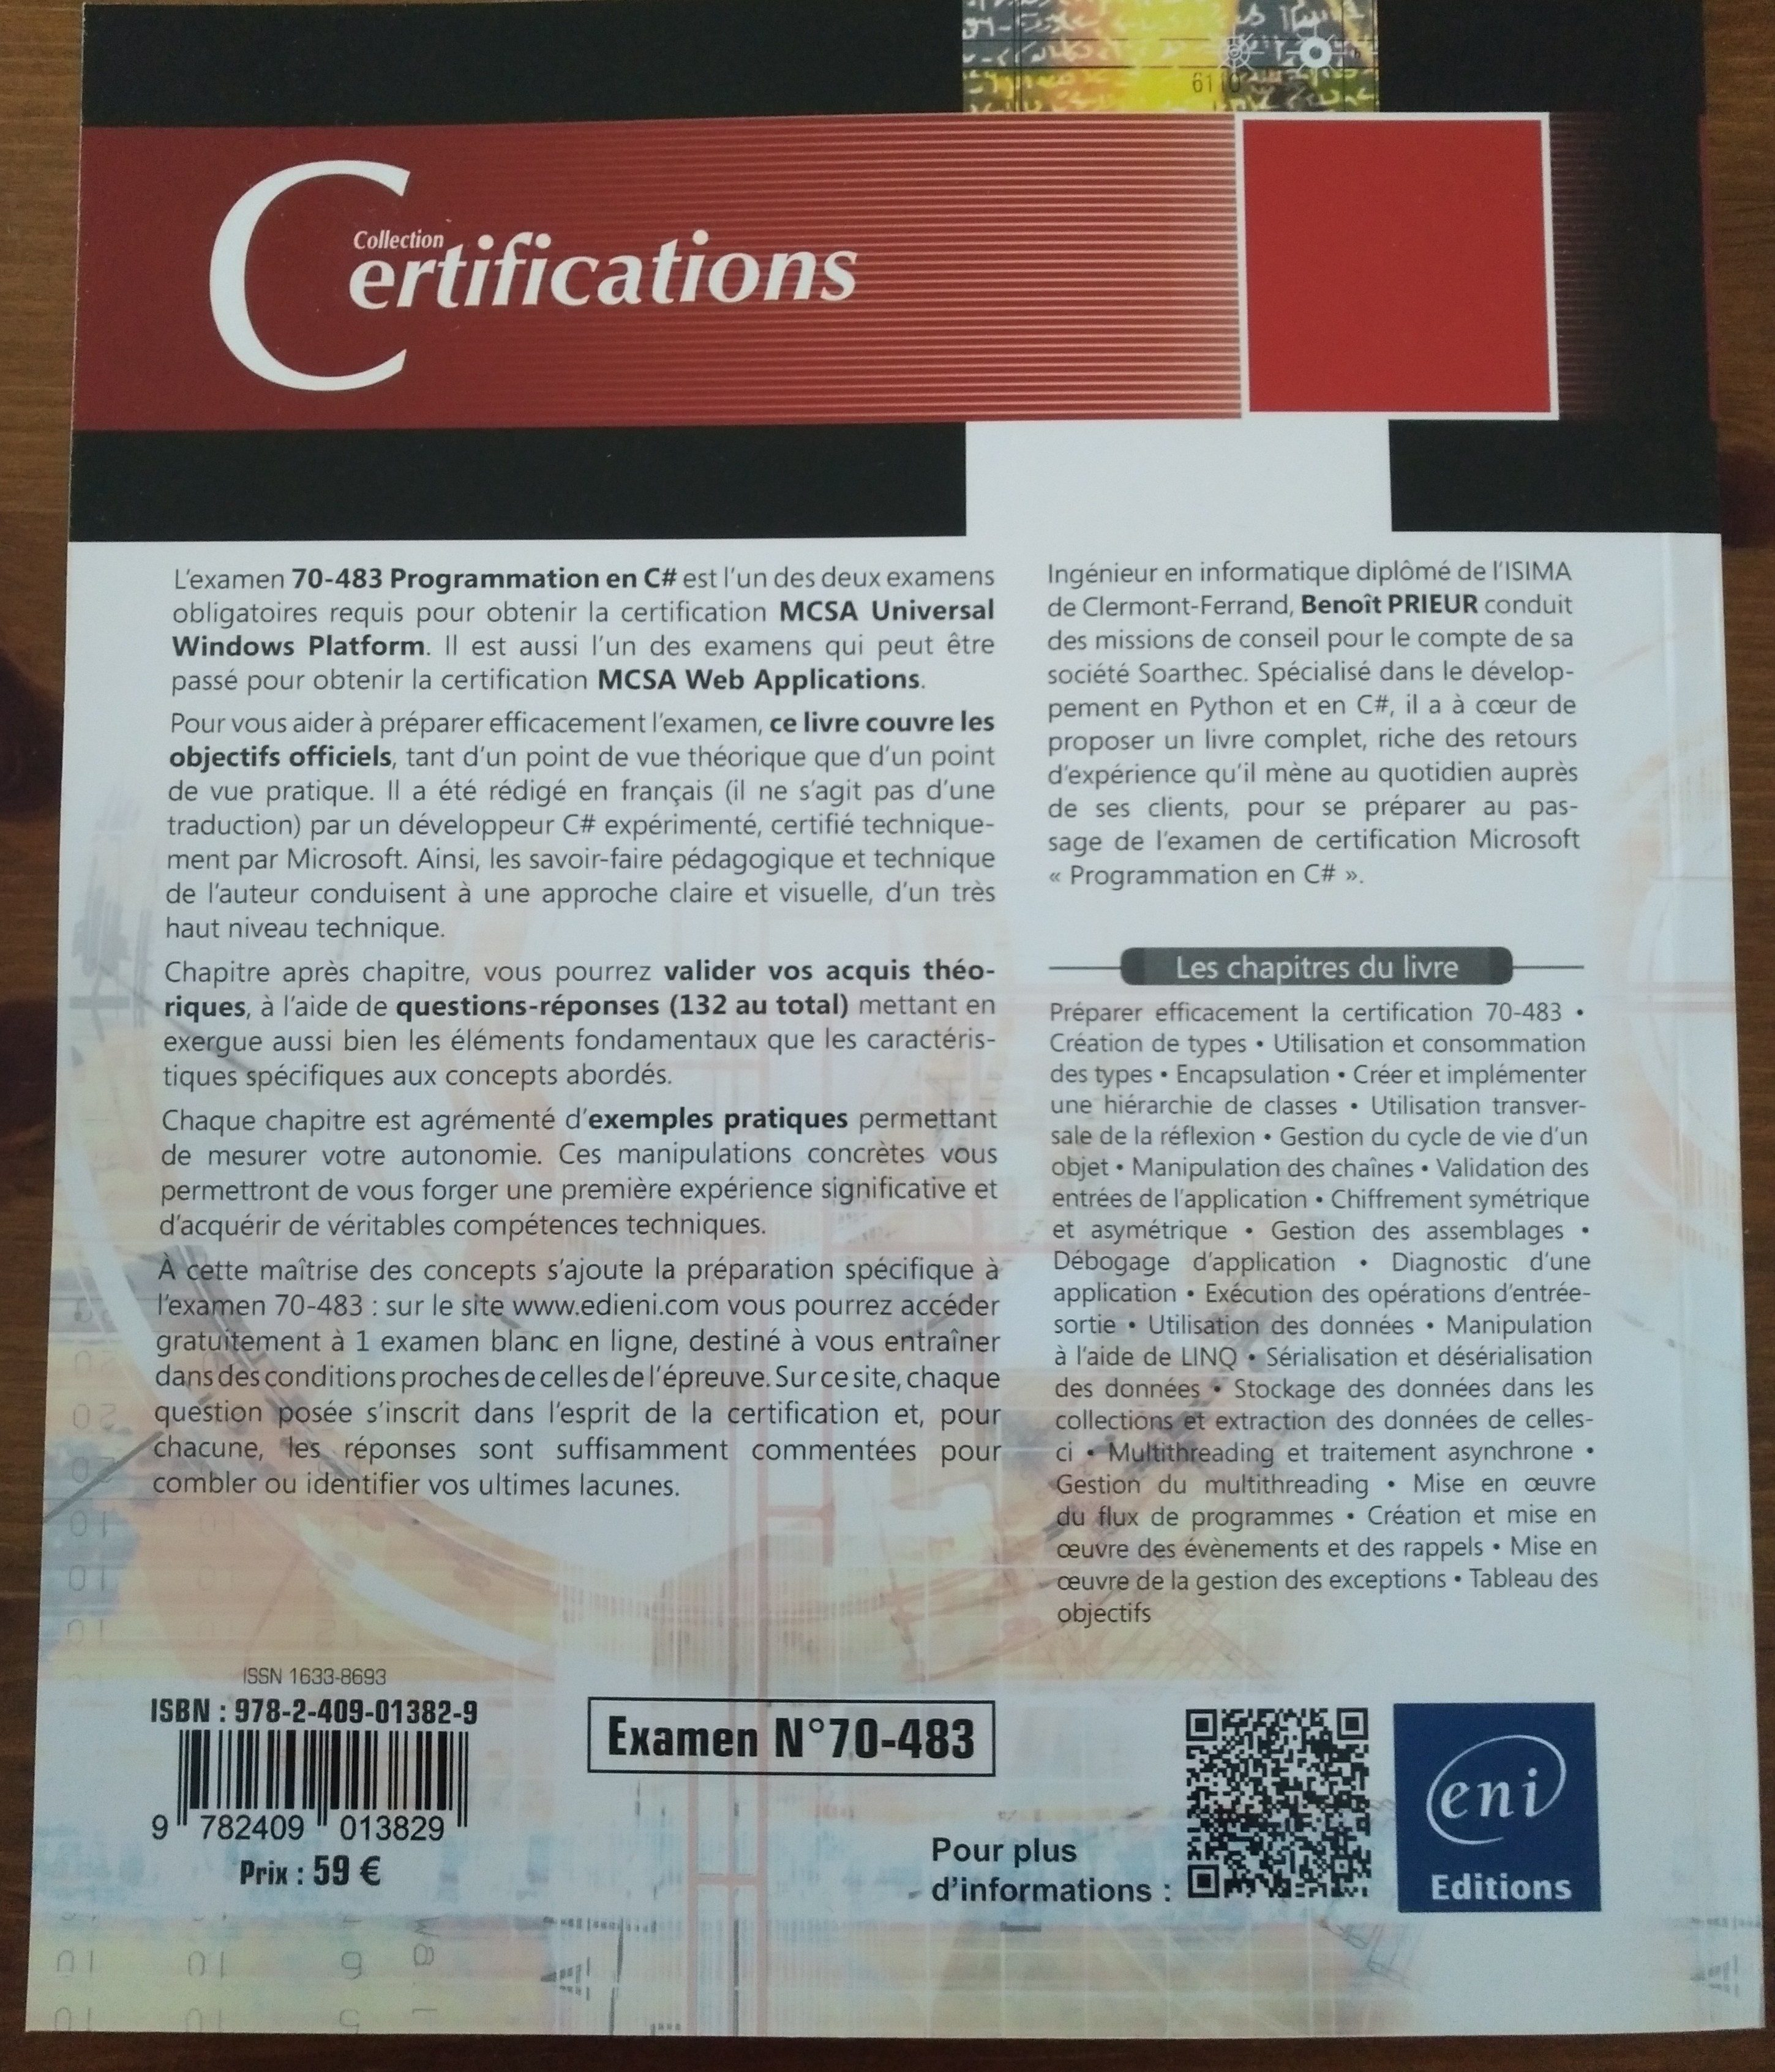 Programmation en C# Préparation aux certifications MCSA Examen N°70-483 - Ingrédients